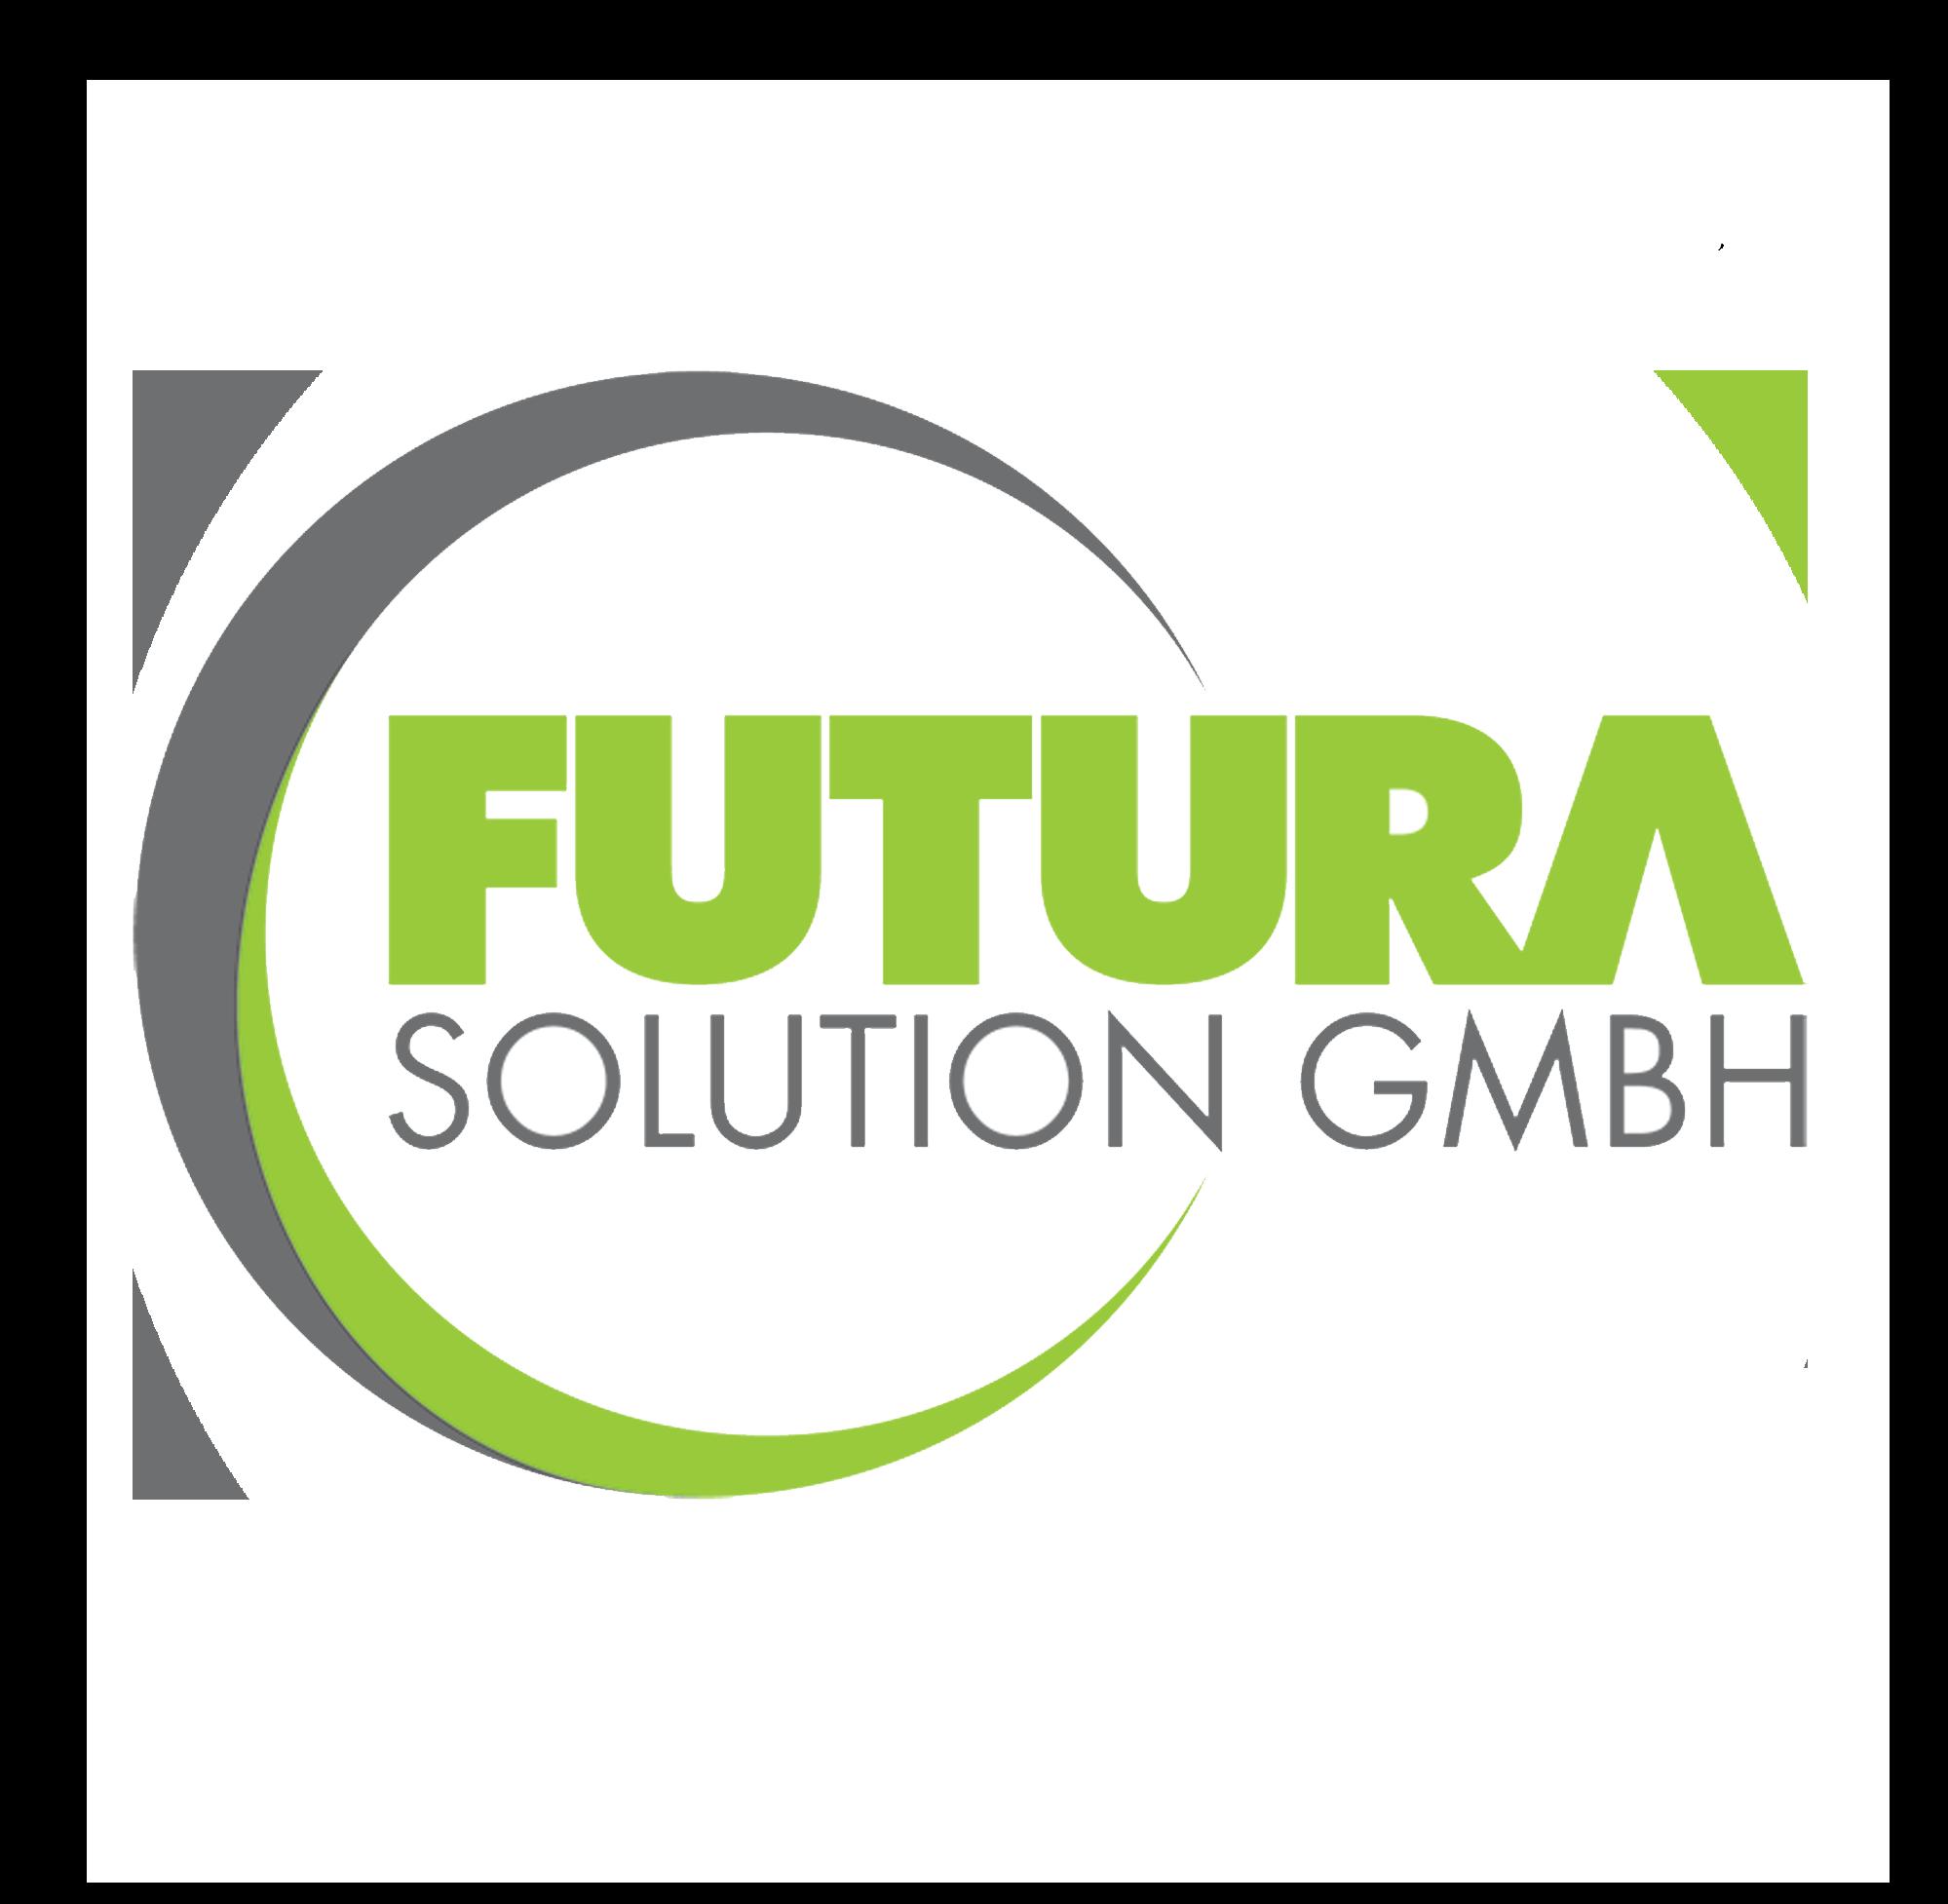 Logovariation Futura Solution